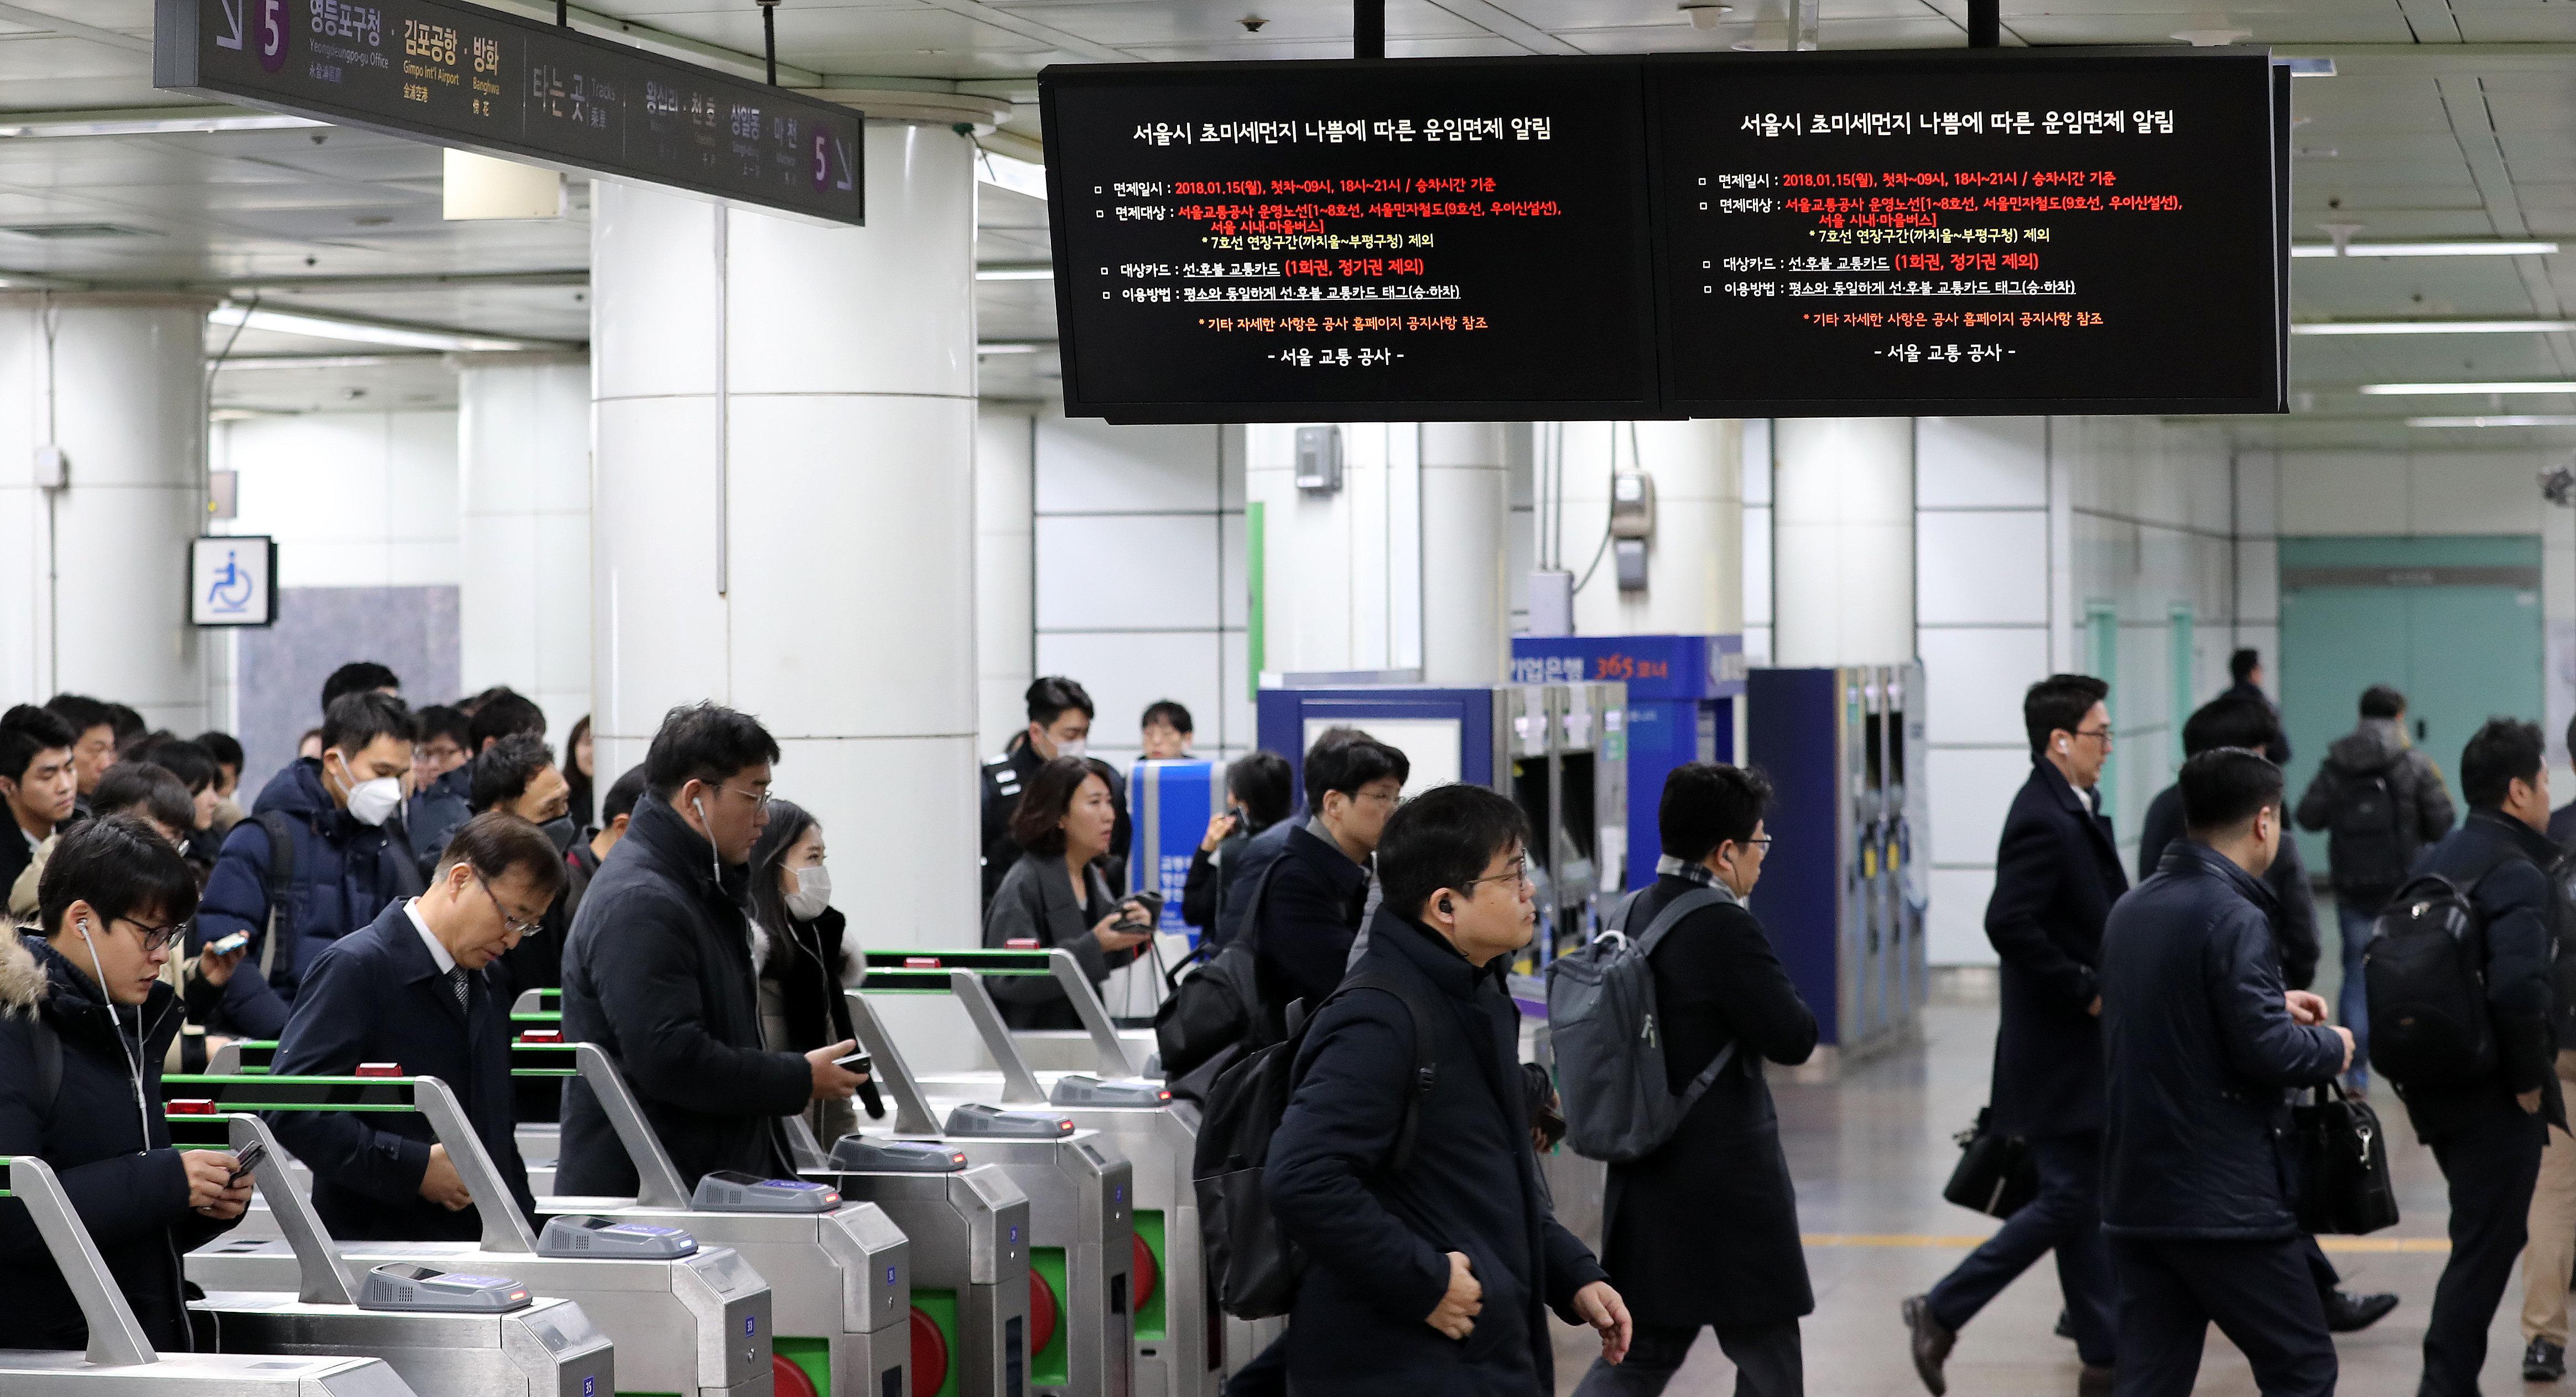 서울 지하철에선 승객 1명당 510원의 적자가